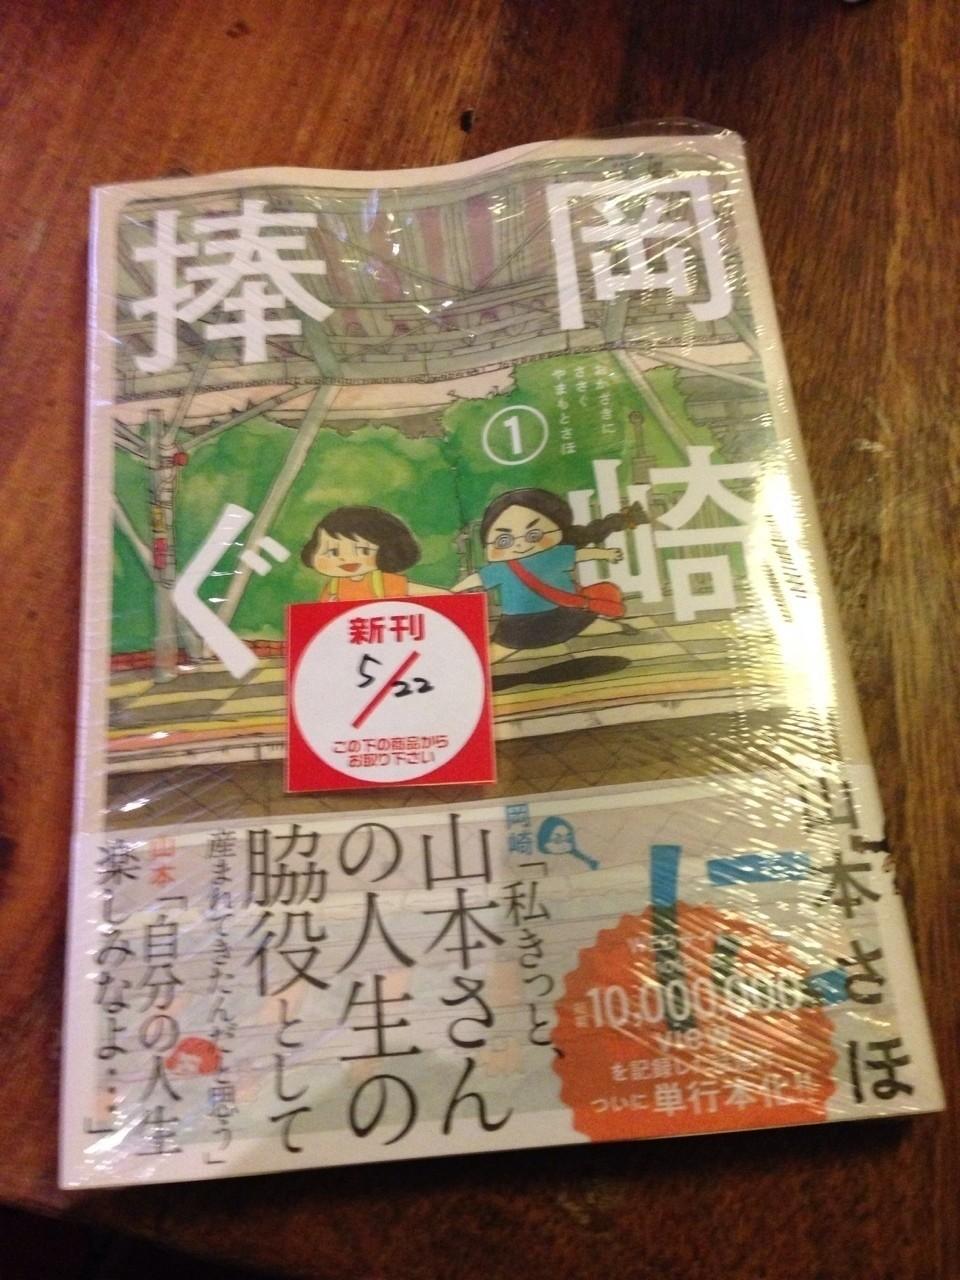 最後の一冊だった。 たまごっちかよ #岡崎に捧ぐ #山本さほ